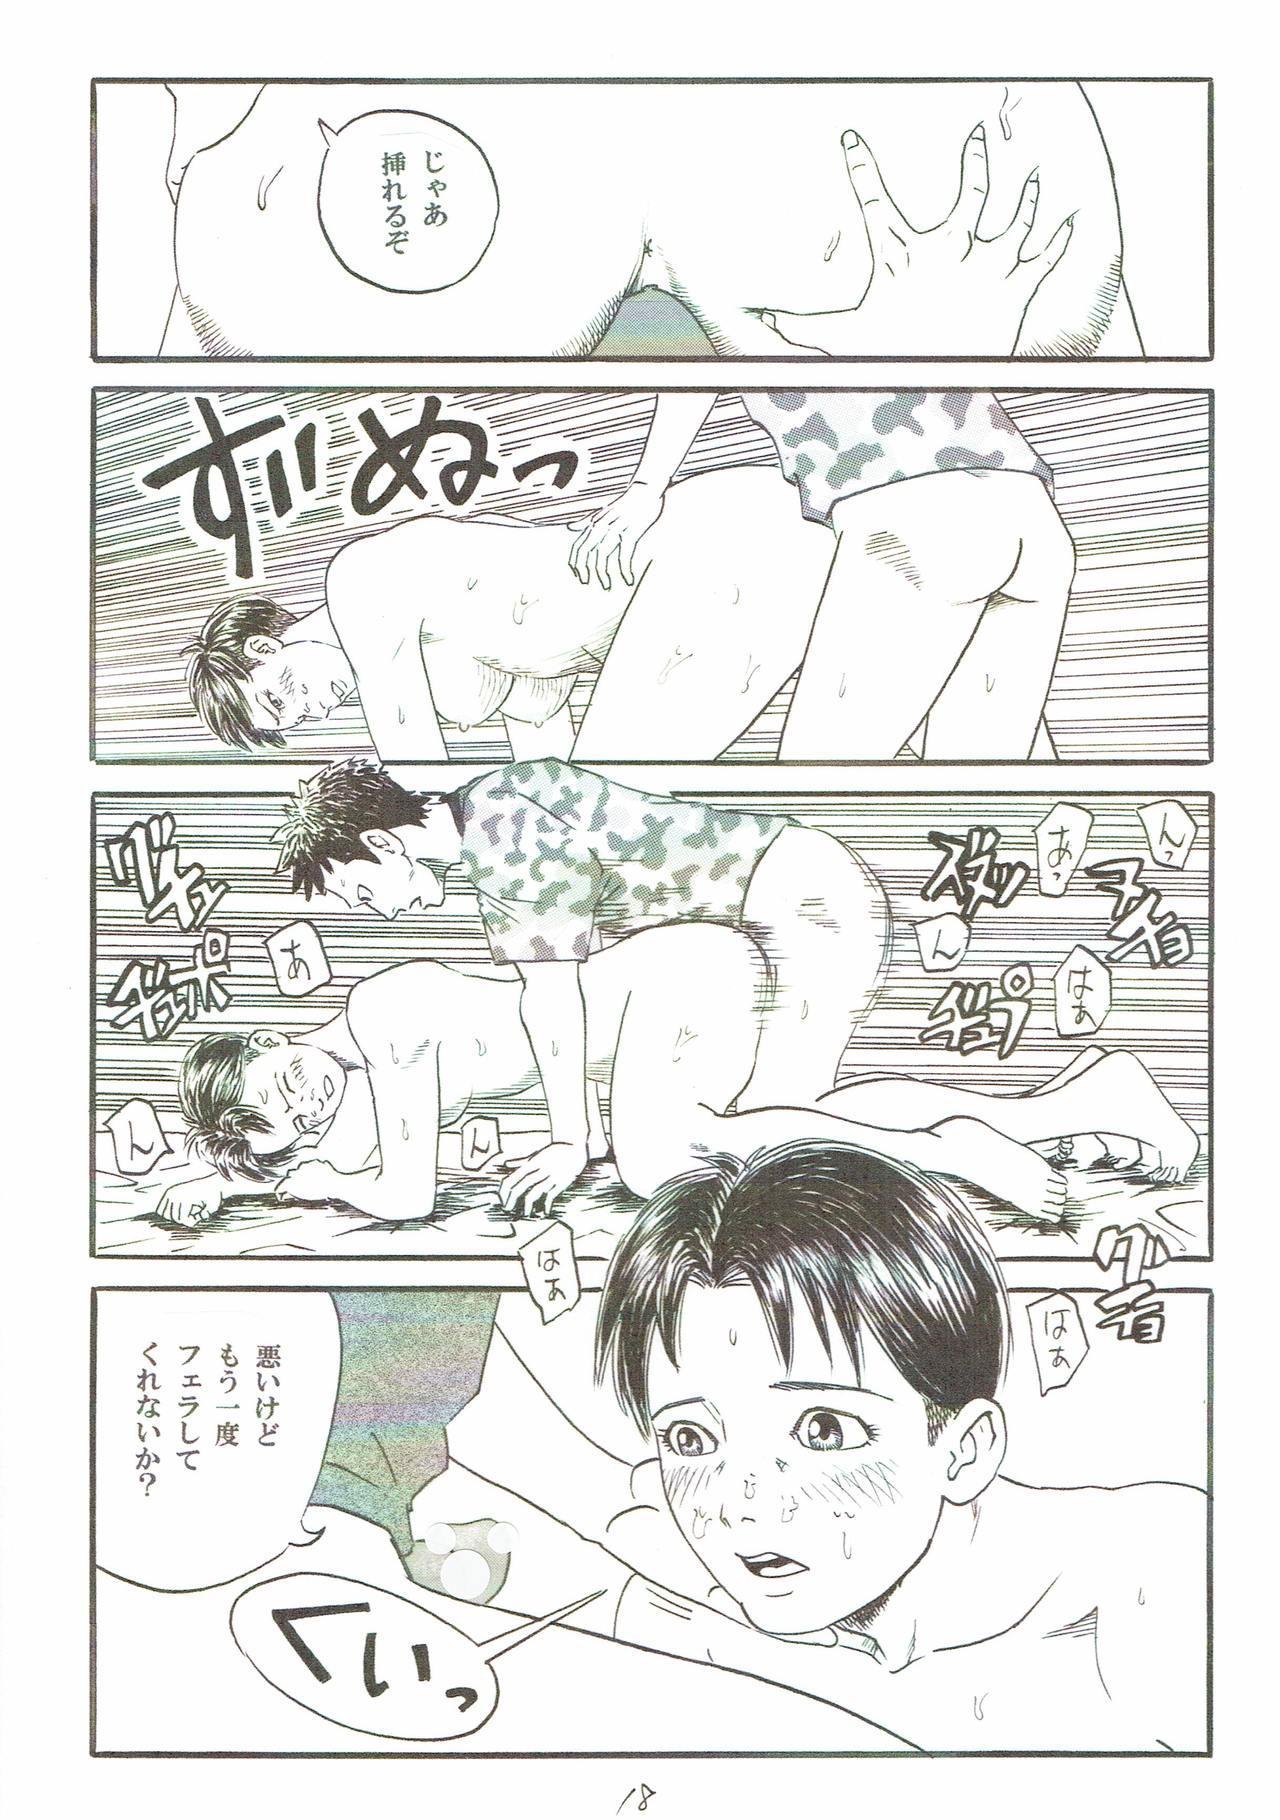 Atarashii Seikyouiku5 18